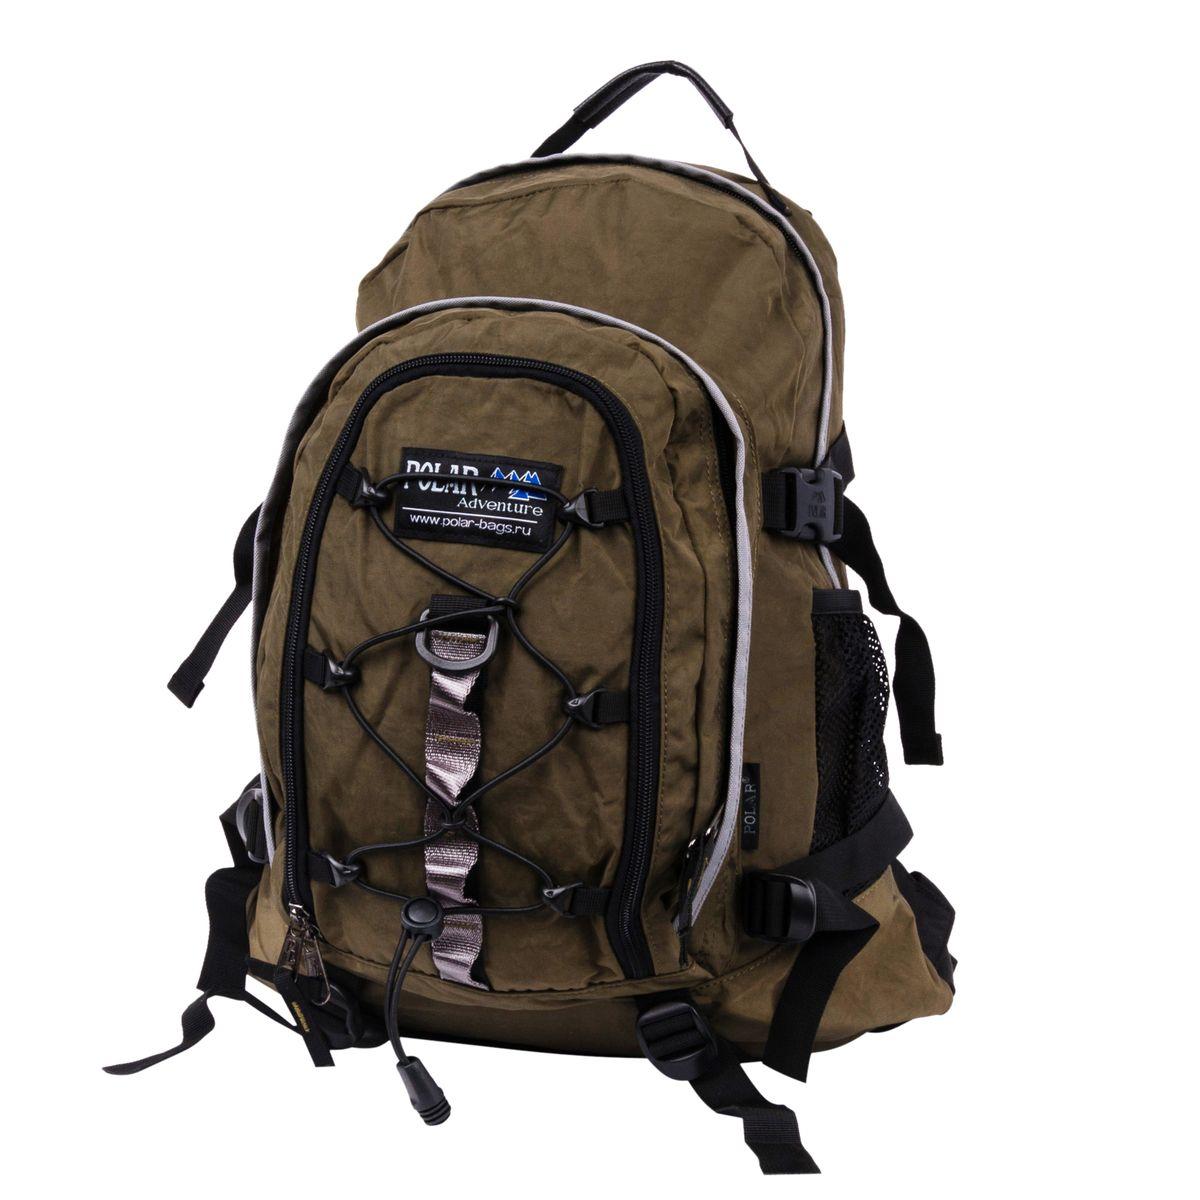 Рюкзак городской Polar, 27 л, цвет: темно-зеленый. П1956-08 - Рюкзаки